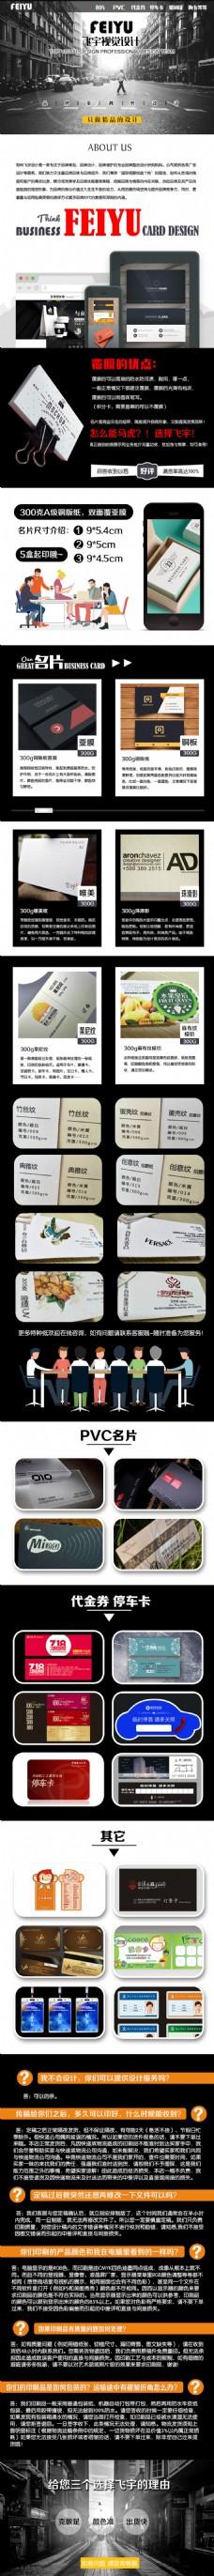 淘宝视觉高档名片详情页